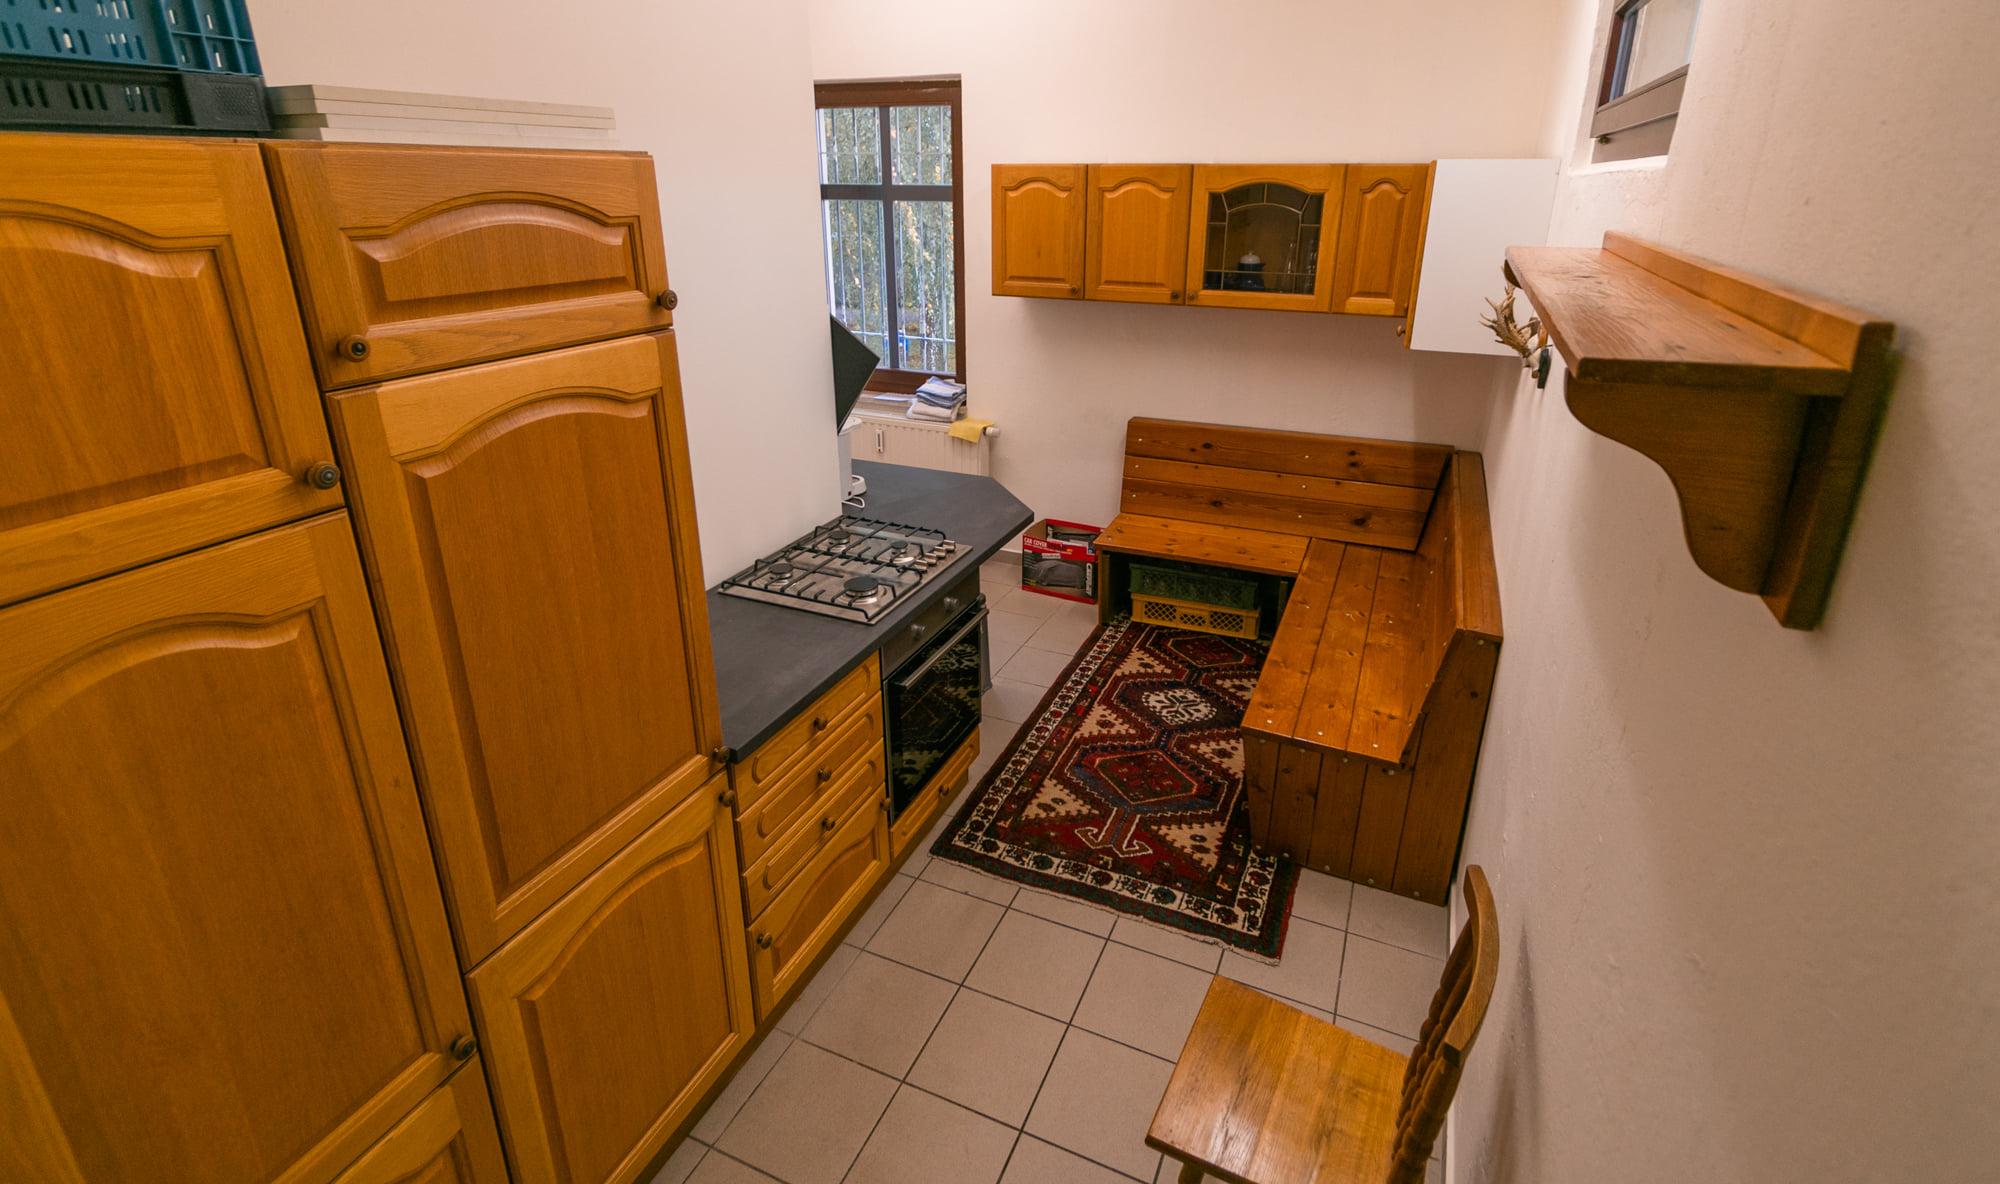 Ab jetzt wird es lecker: Unsere neue Gebrauchtküche ist da!